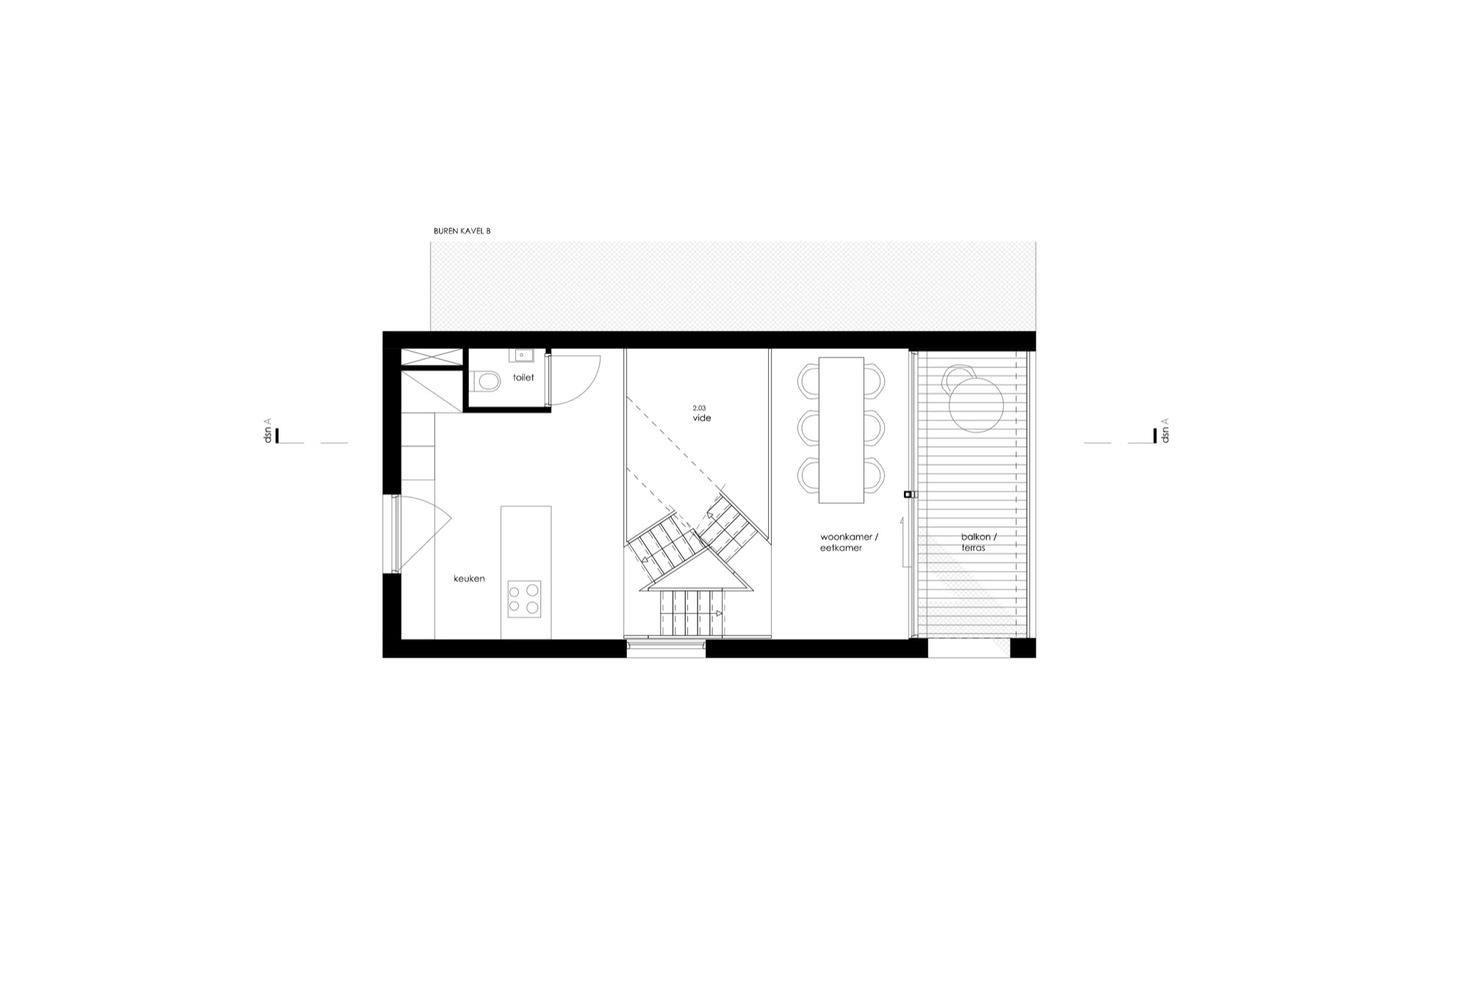 Gallery of Lofthouse I / Marc Koehler Architects - 12